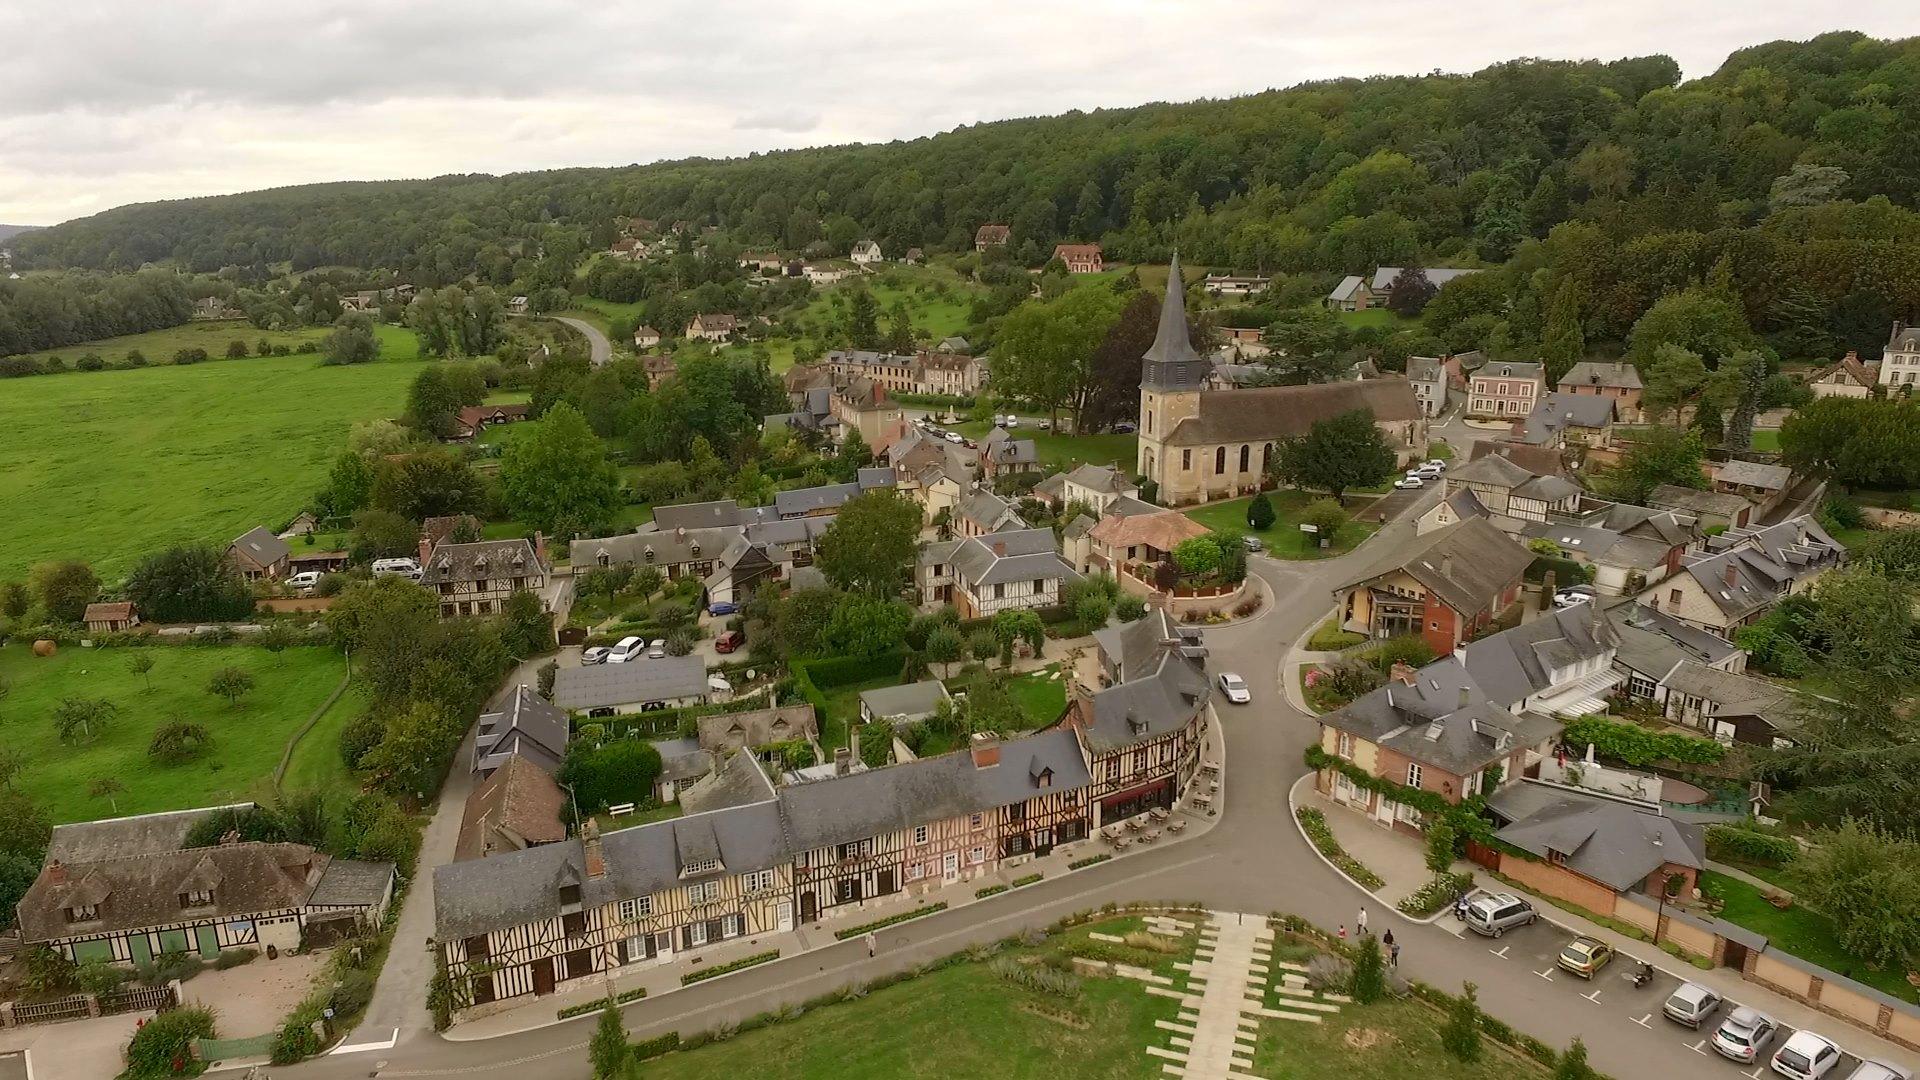 Le Bec Hellouin, visite de l'abbaye et son village en drone